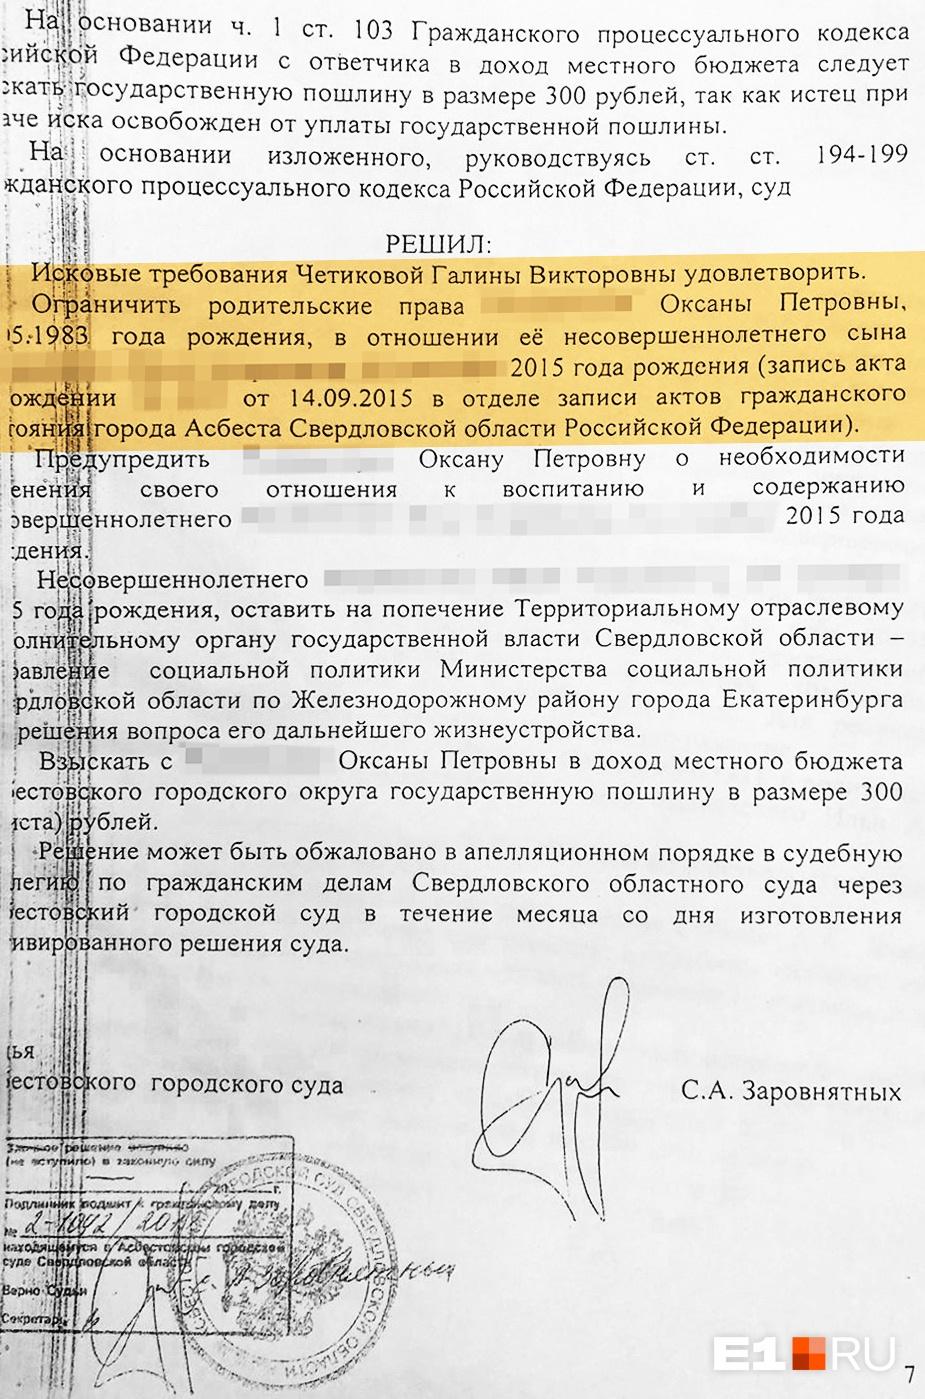 Решение Асбестовского городского суда об ограничении родительских прав